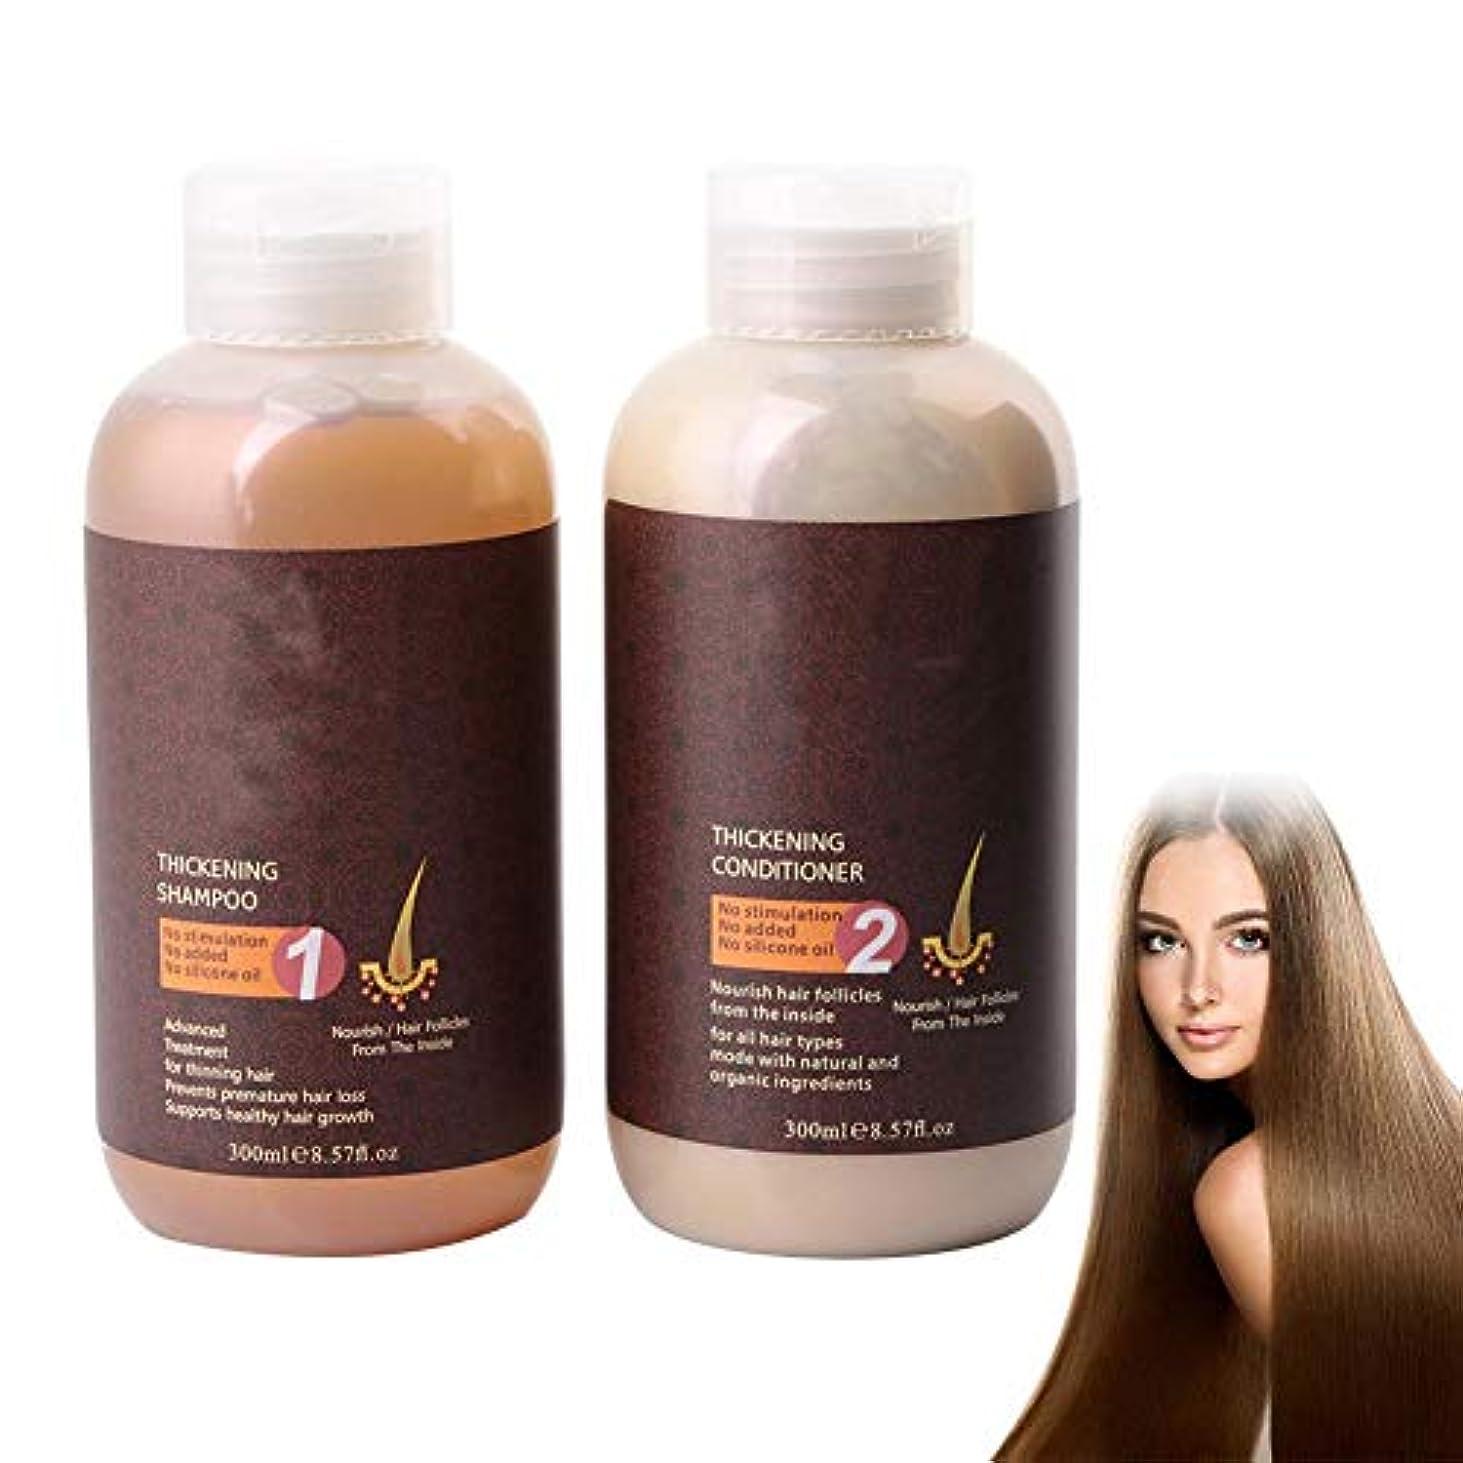 値ステートメントシフト抗ふけシャンプー、コンディショナー付き生姜シャンプーナチュラルヘアロストリートメント栄養髪ケアセット女性と男性